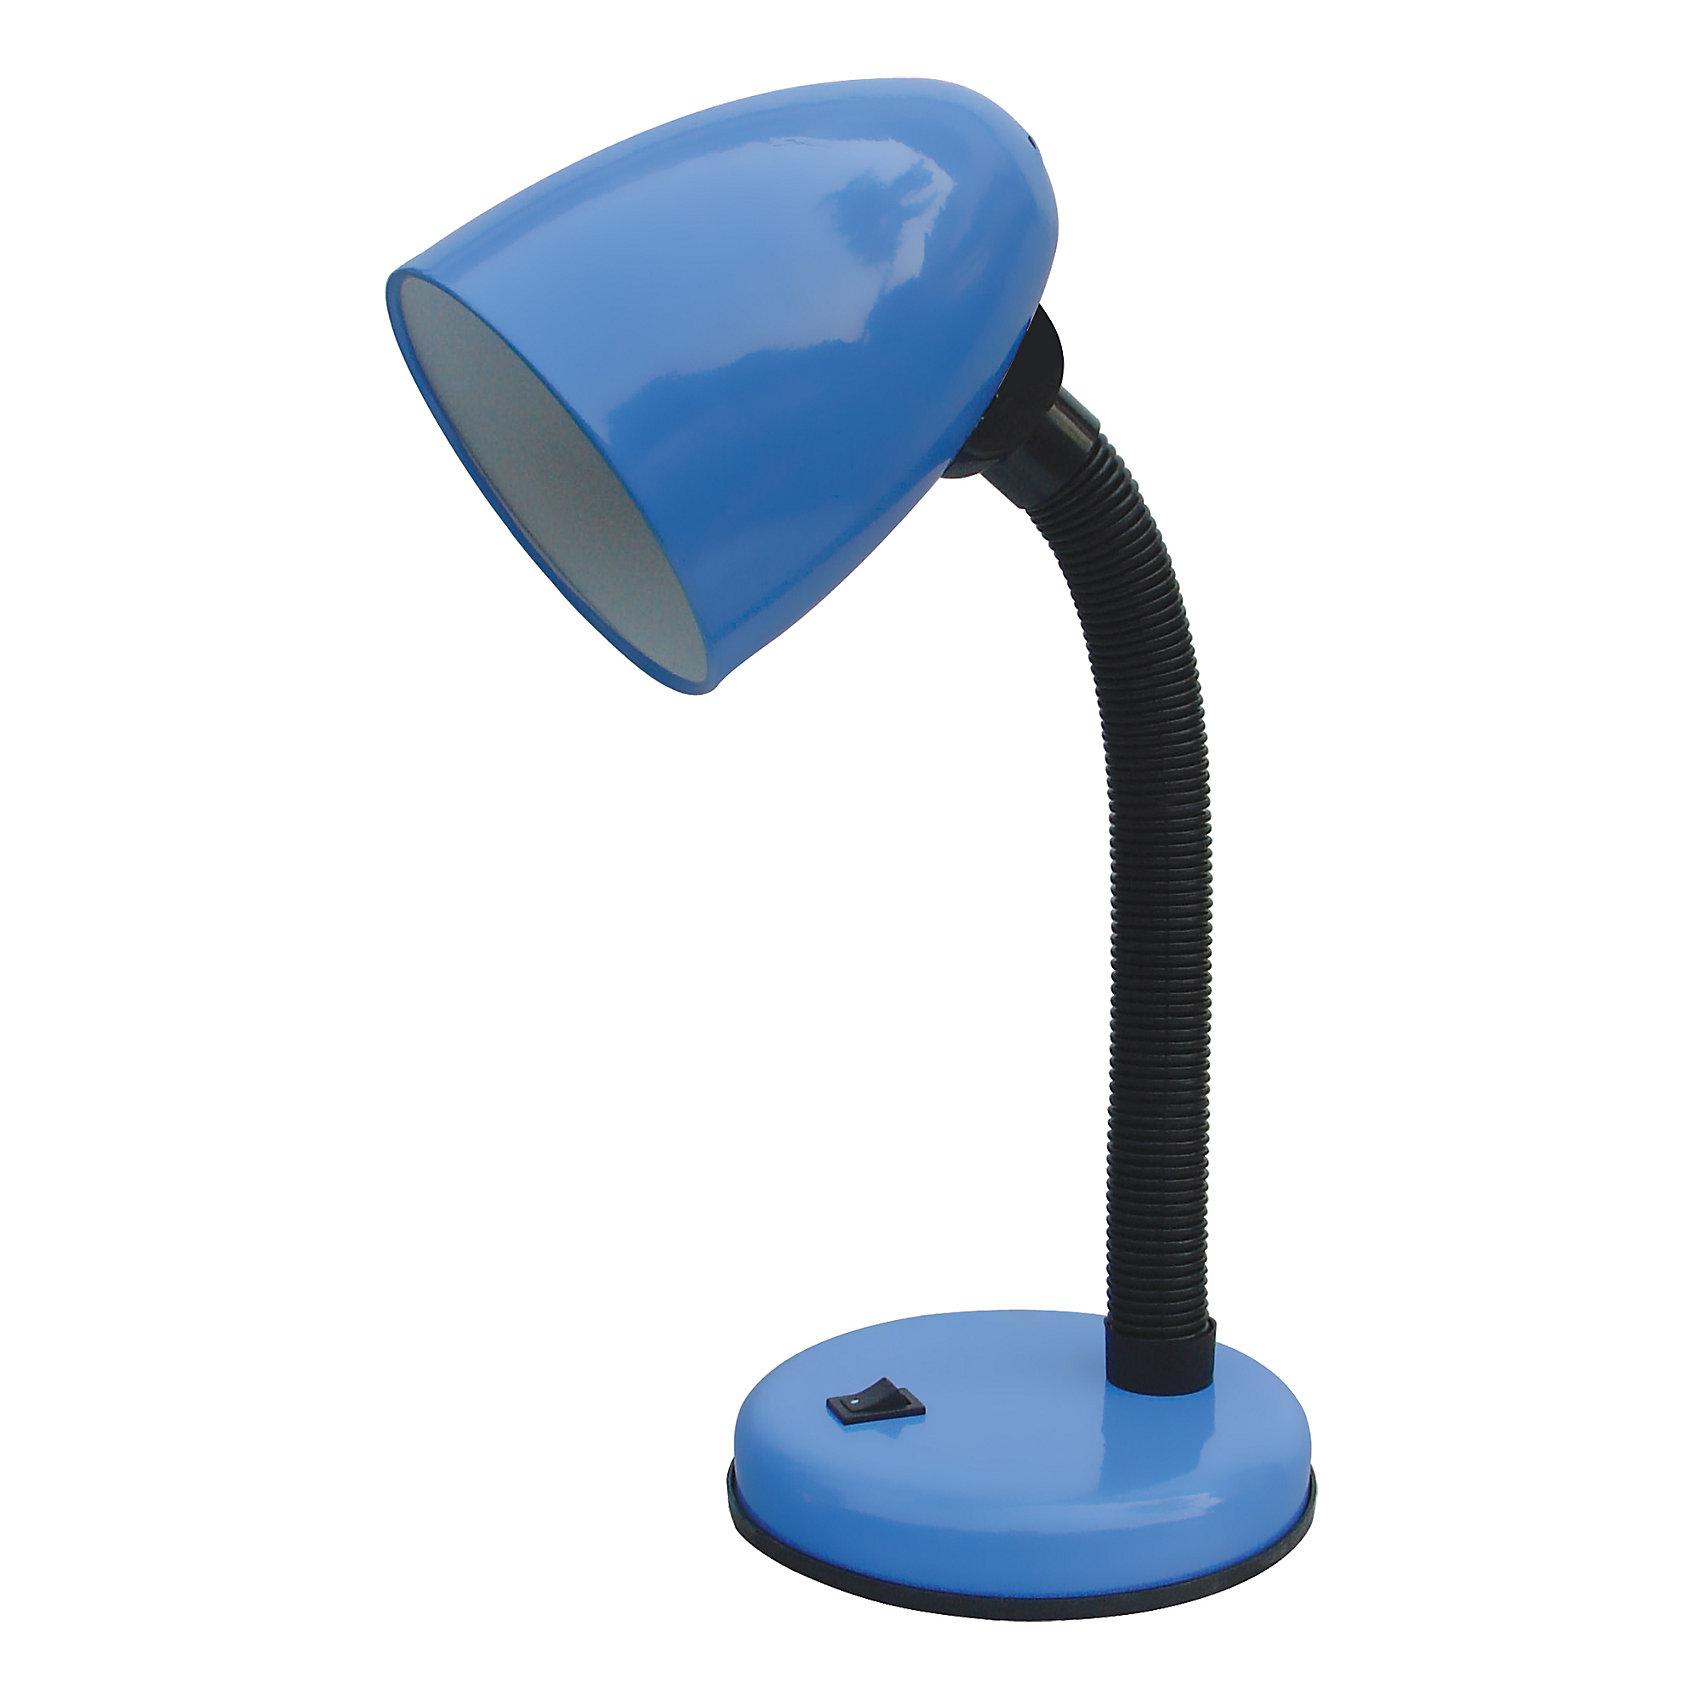 Лампа электрическая настольная EN-DL12-1, Energy, синийМощность: 40 Вт<br>Длина шнура: 1,2 м<br>Высота лампы: 366 мм<br>Диаметр абажура: 105 мм<br>Для лампочек со стандартным цоколем Е27 ( в комплект не входит)<br><br>Ширина мм: 160<br>Глубина мм: 140<br>Высота мм: 210<br>Вес г: 793<br>Возраст от месяцев: 36<br>Возраст до месяцев: 1080<br>Пол: Унисекс<br>Возраст: Детский<br>SKU: 3982234